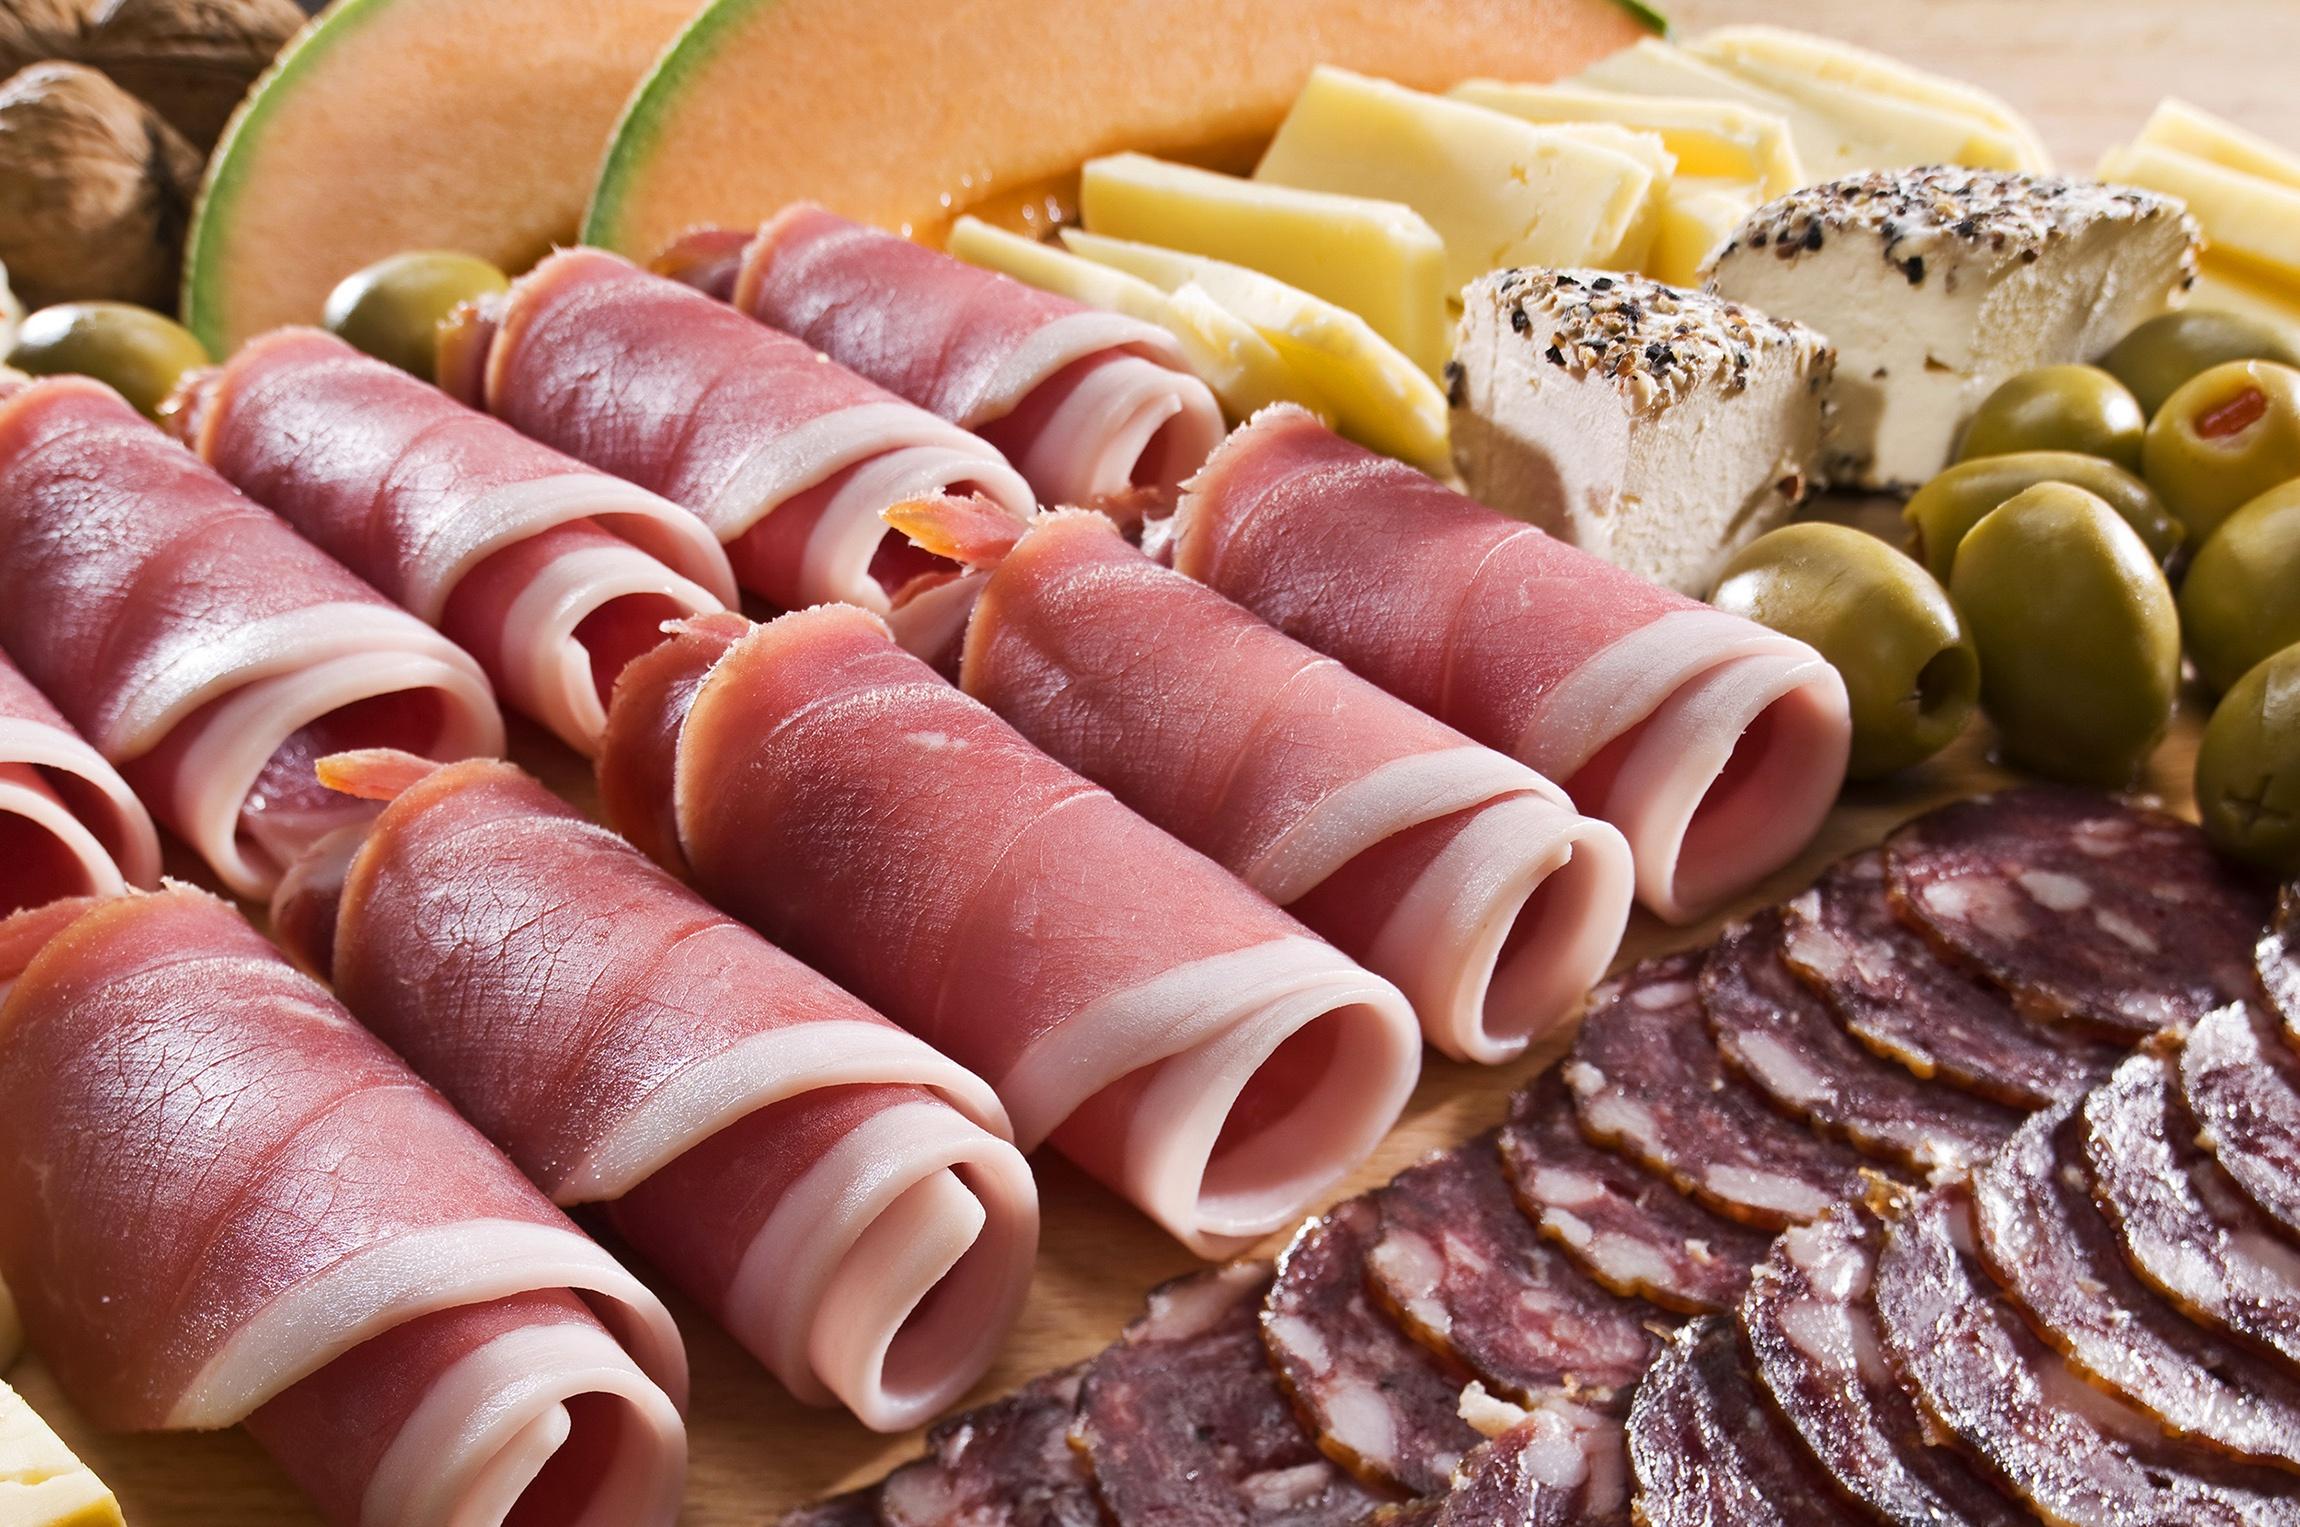 Картинка с колбасой и сыром, анимация картинки